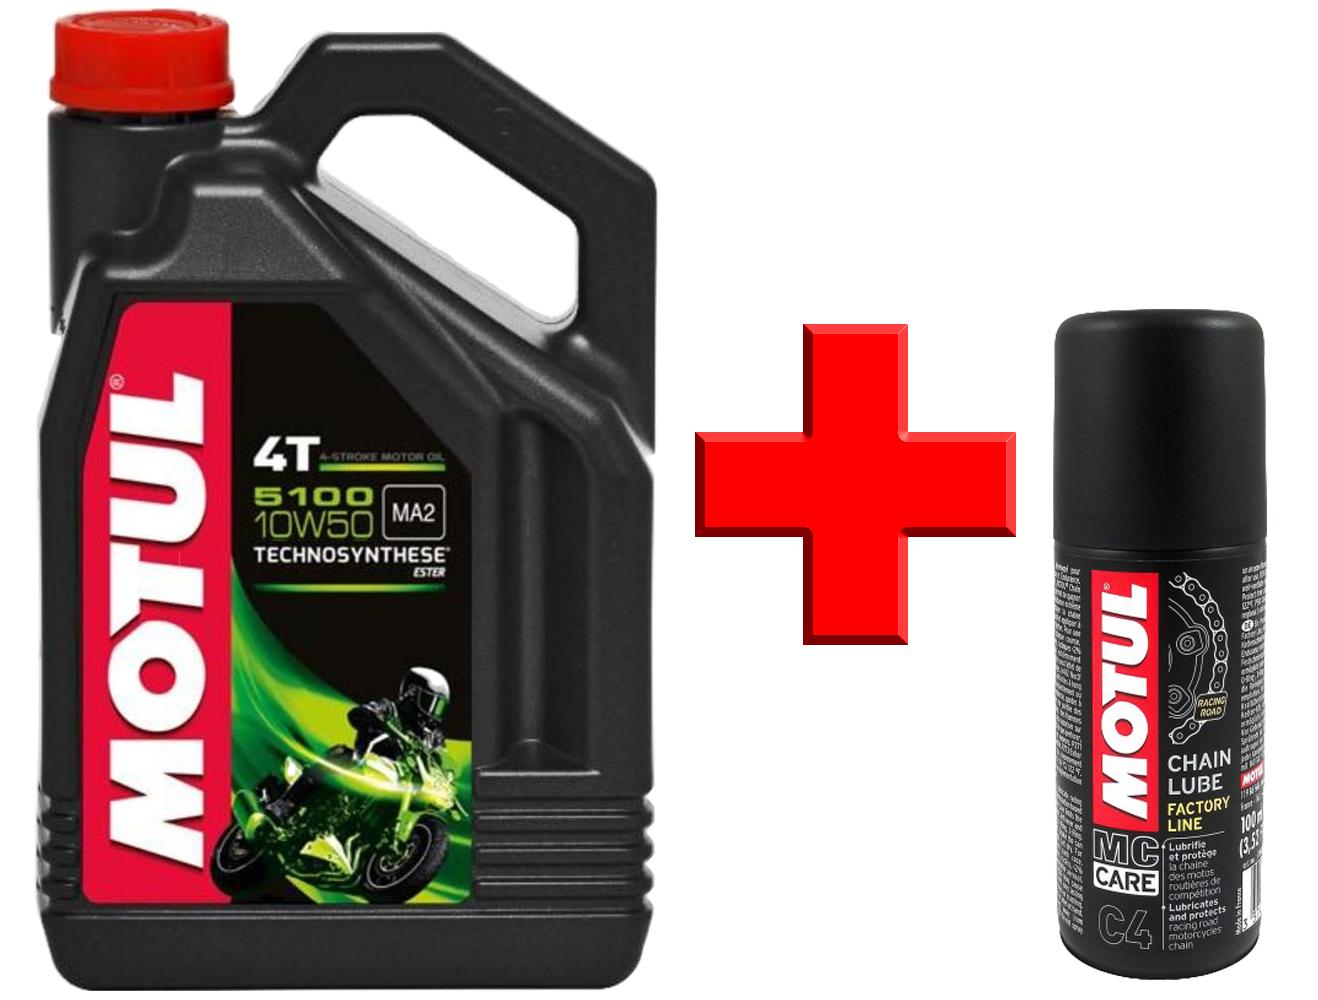 Motul 5100 4T 10W-40 (SM/MA2) 4л + C1 Chain clean 100мл